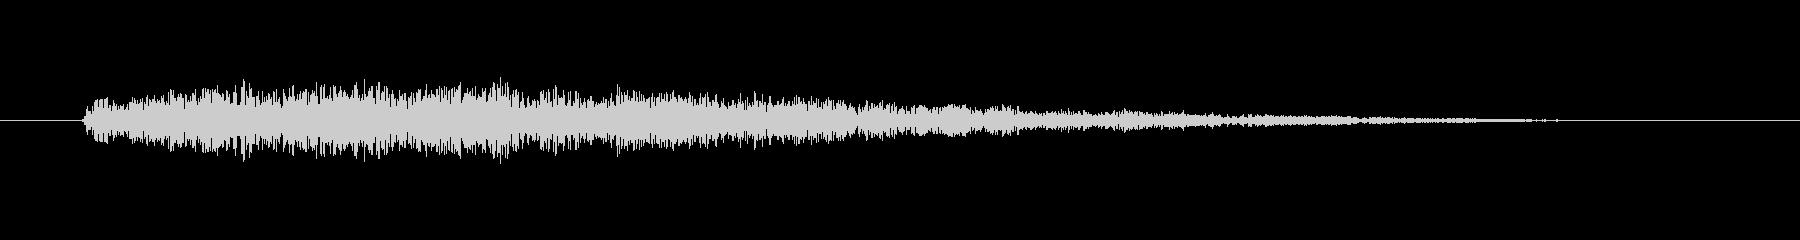 アルペジエイテッドブロークンコード...の未再生の波形